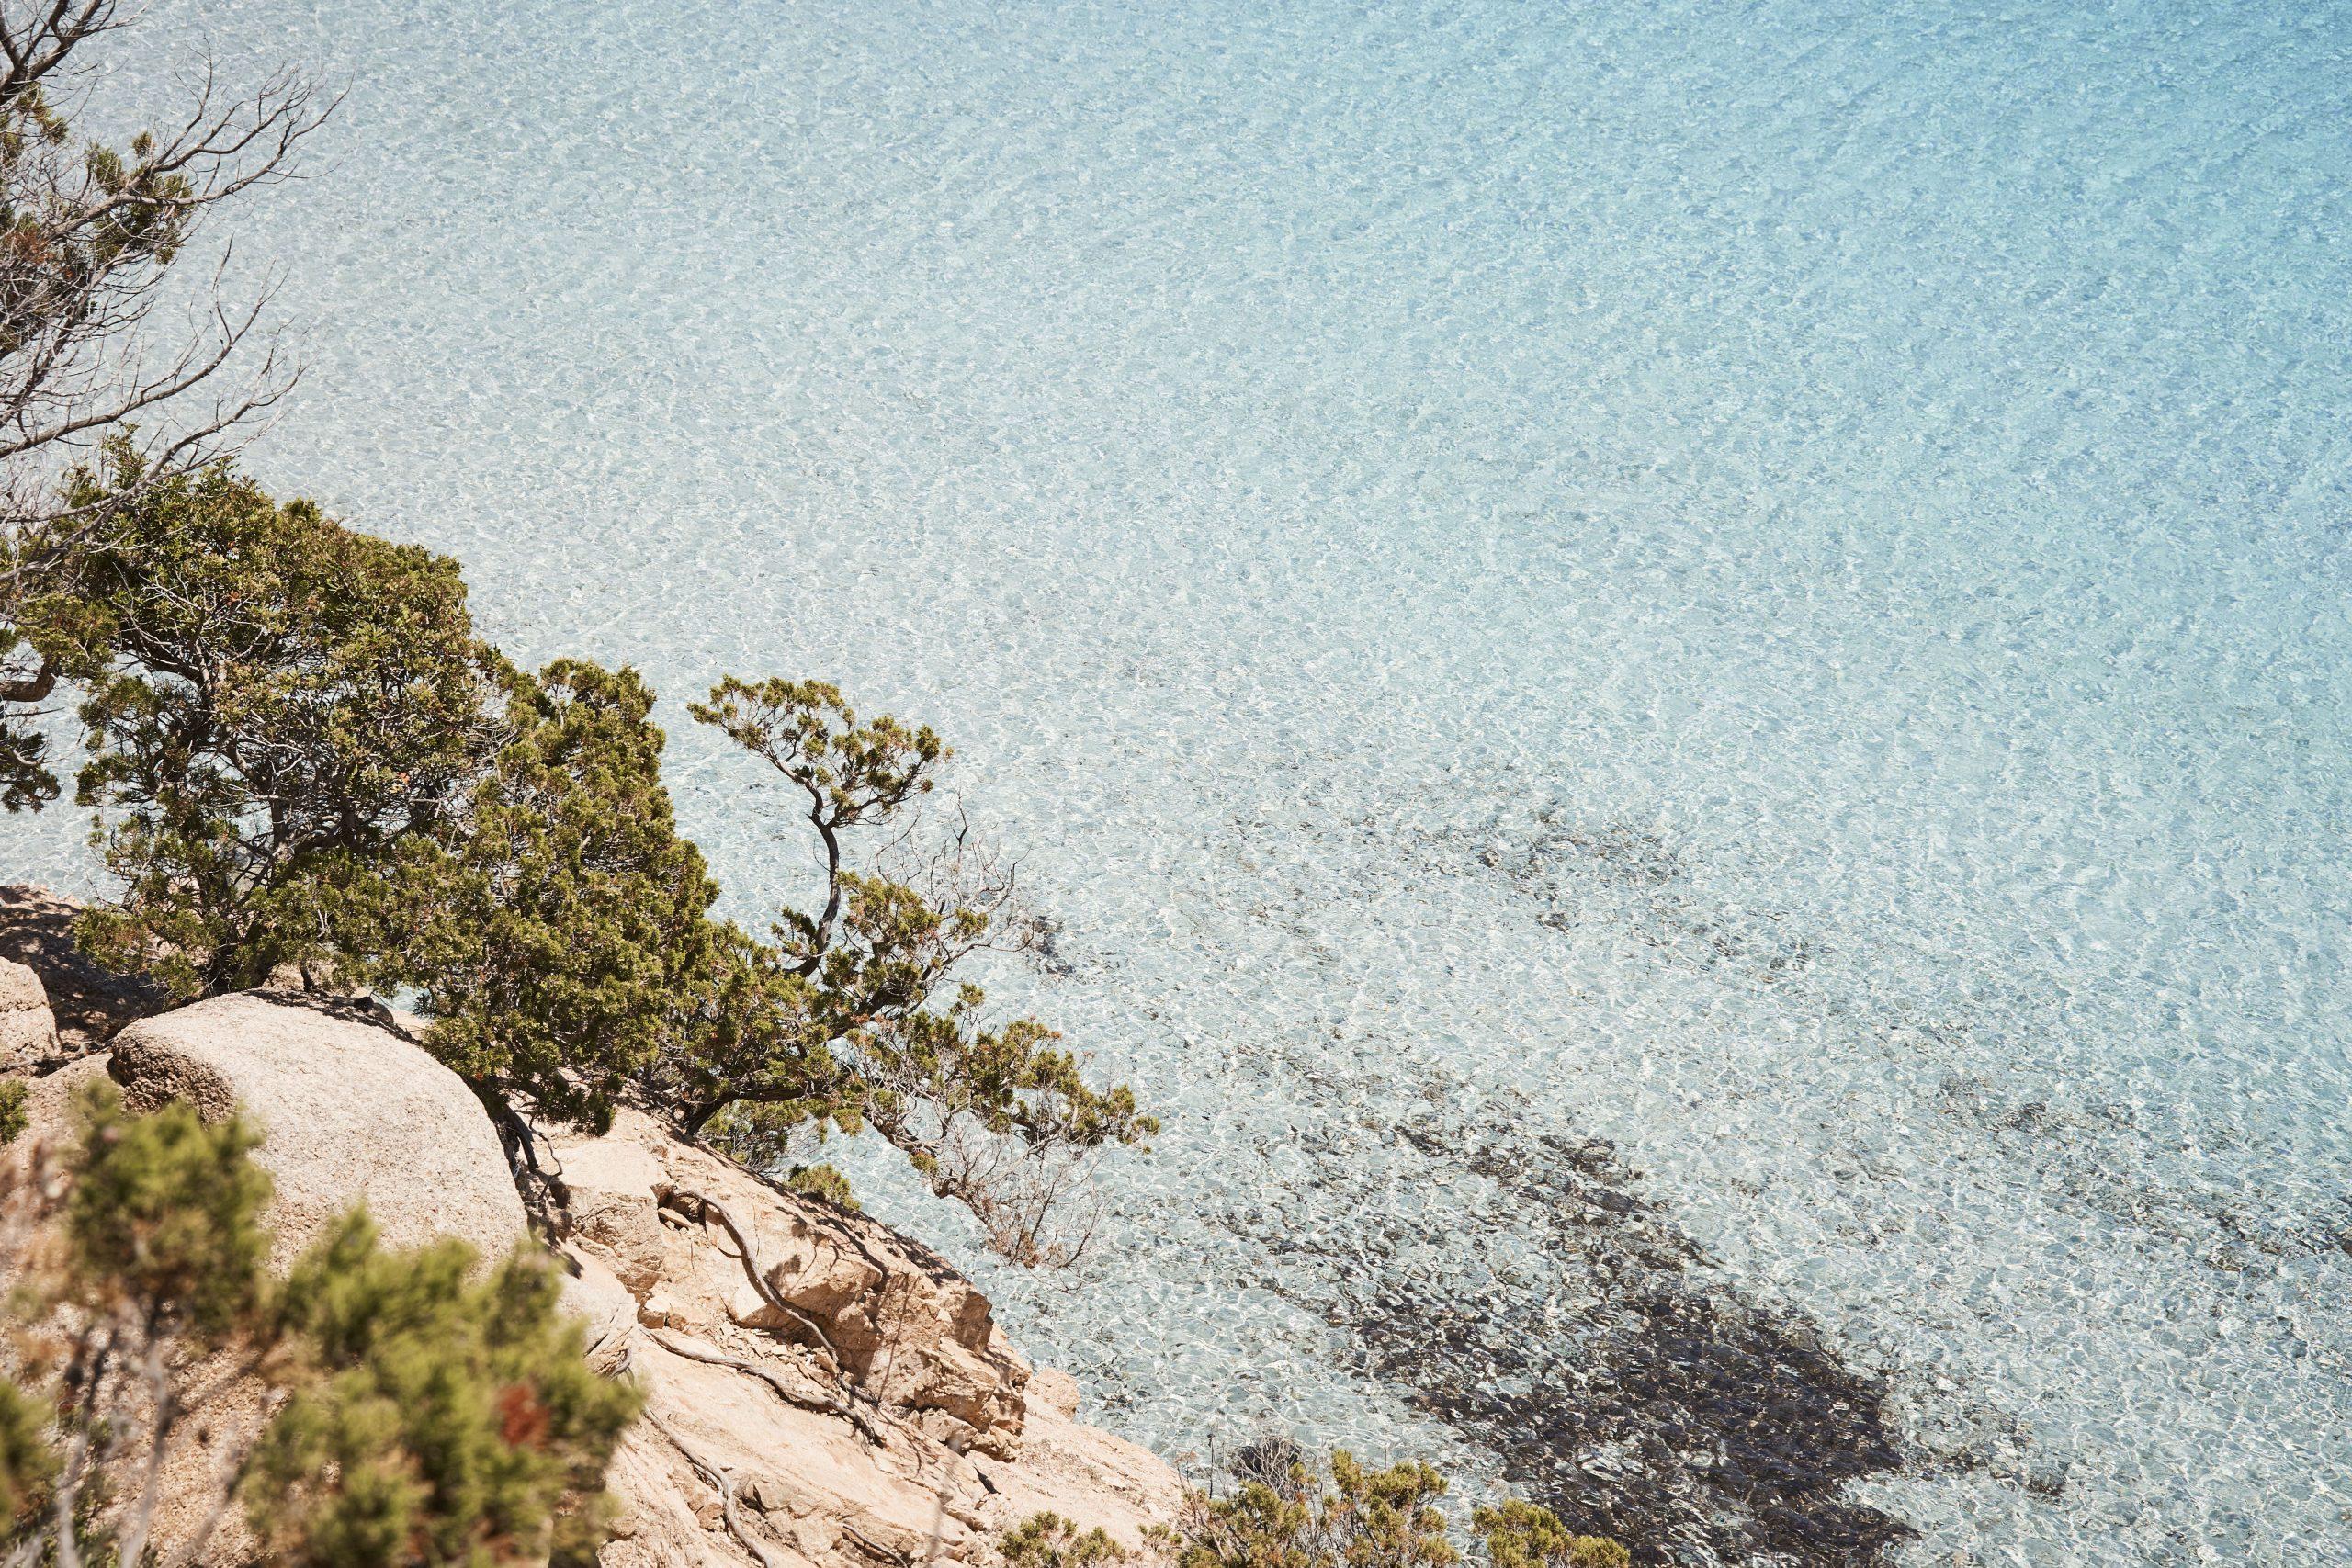 Corsica_0619_0P4A6887